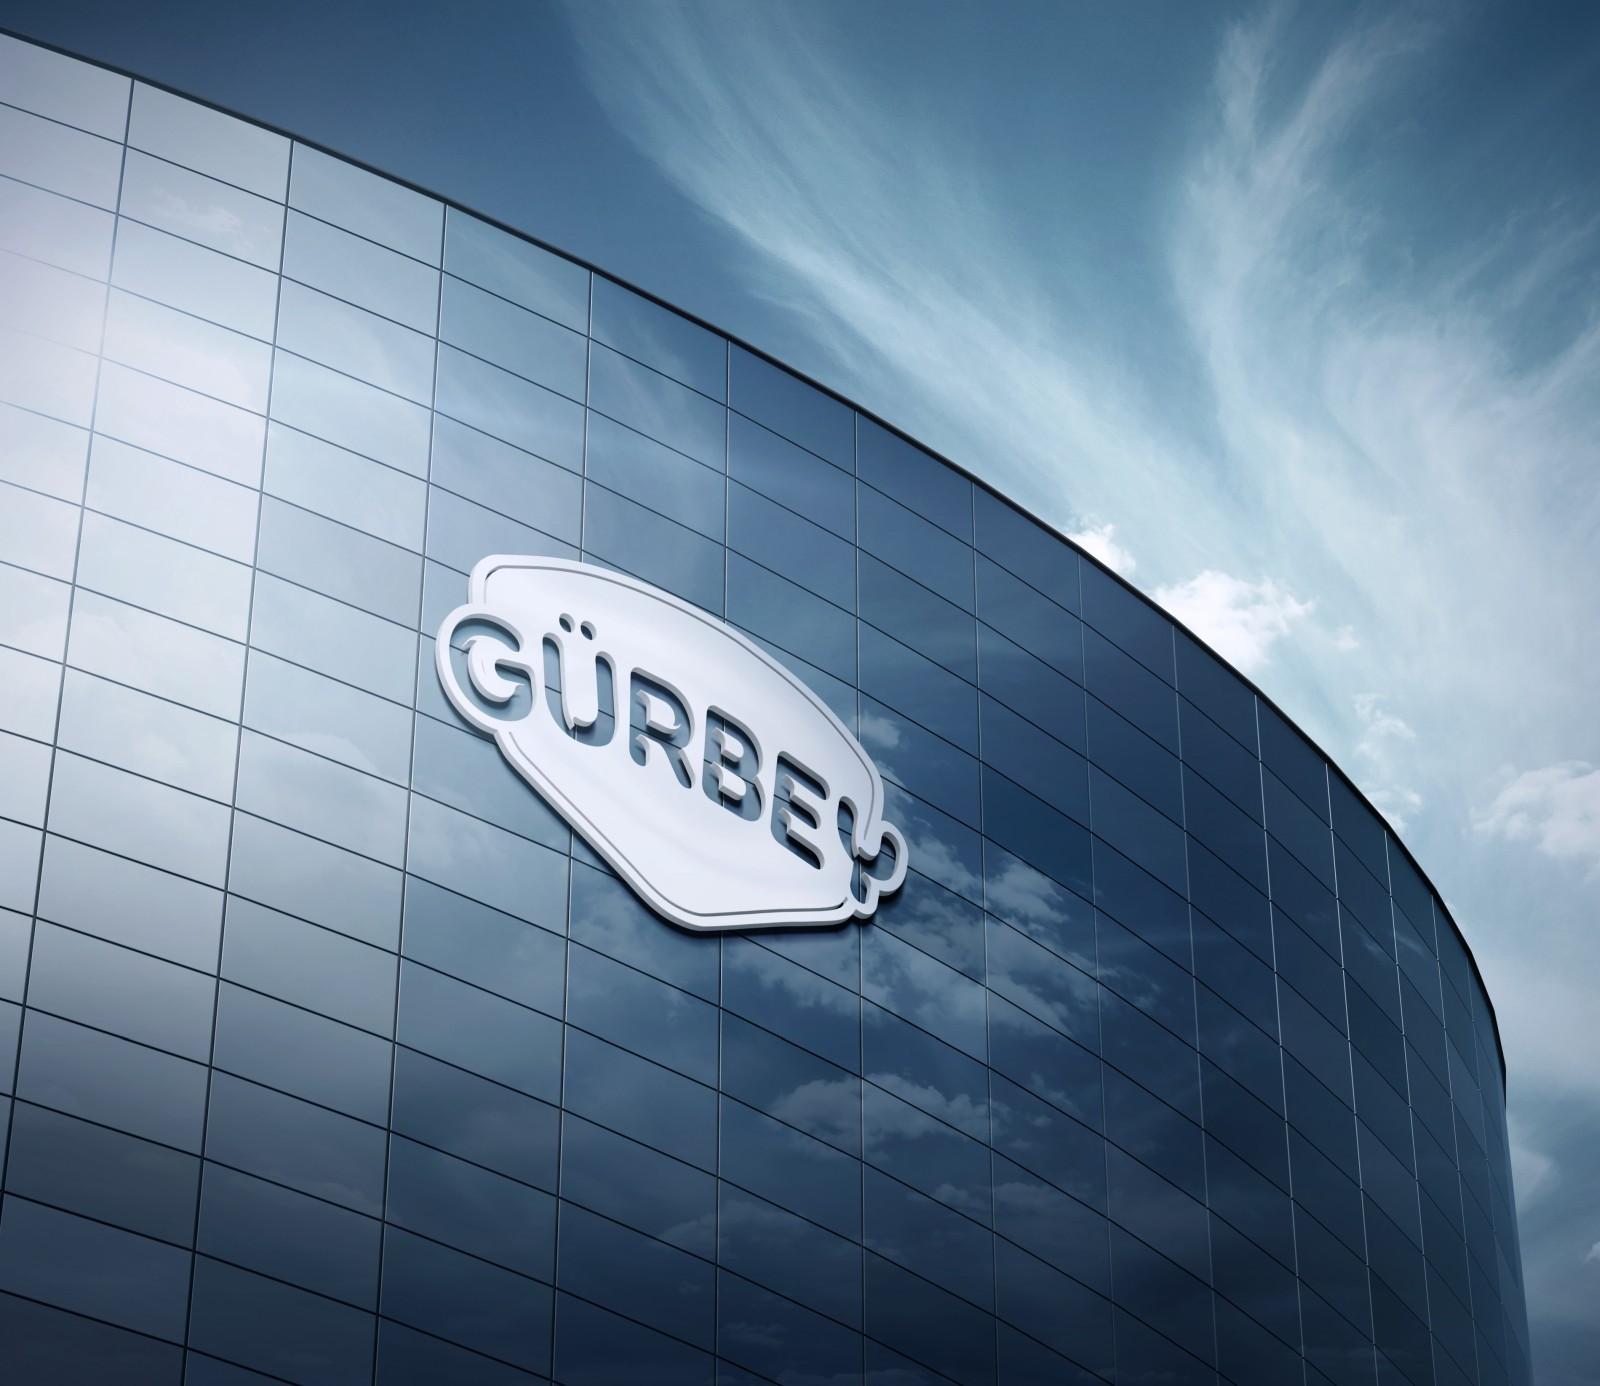 Gürbey'in Logosunu Yaptık